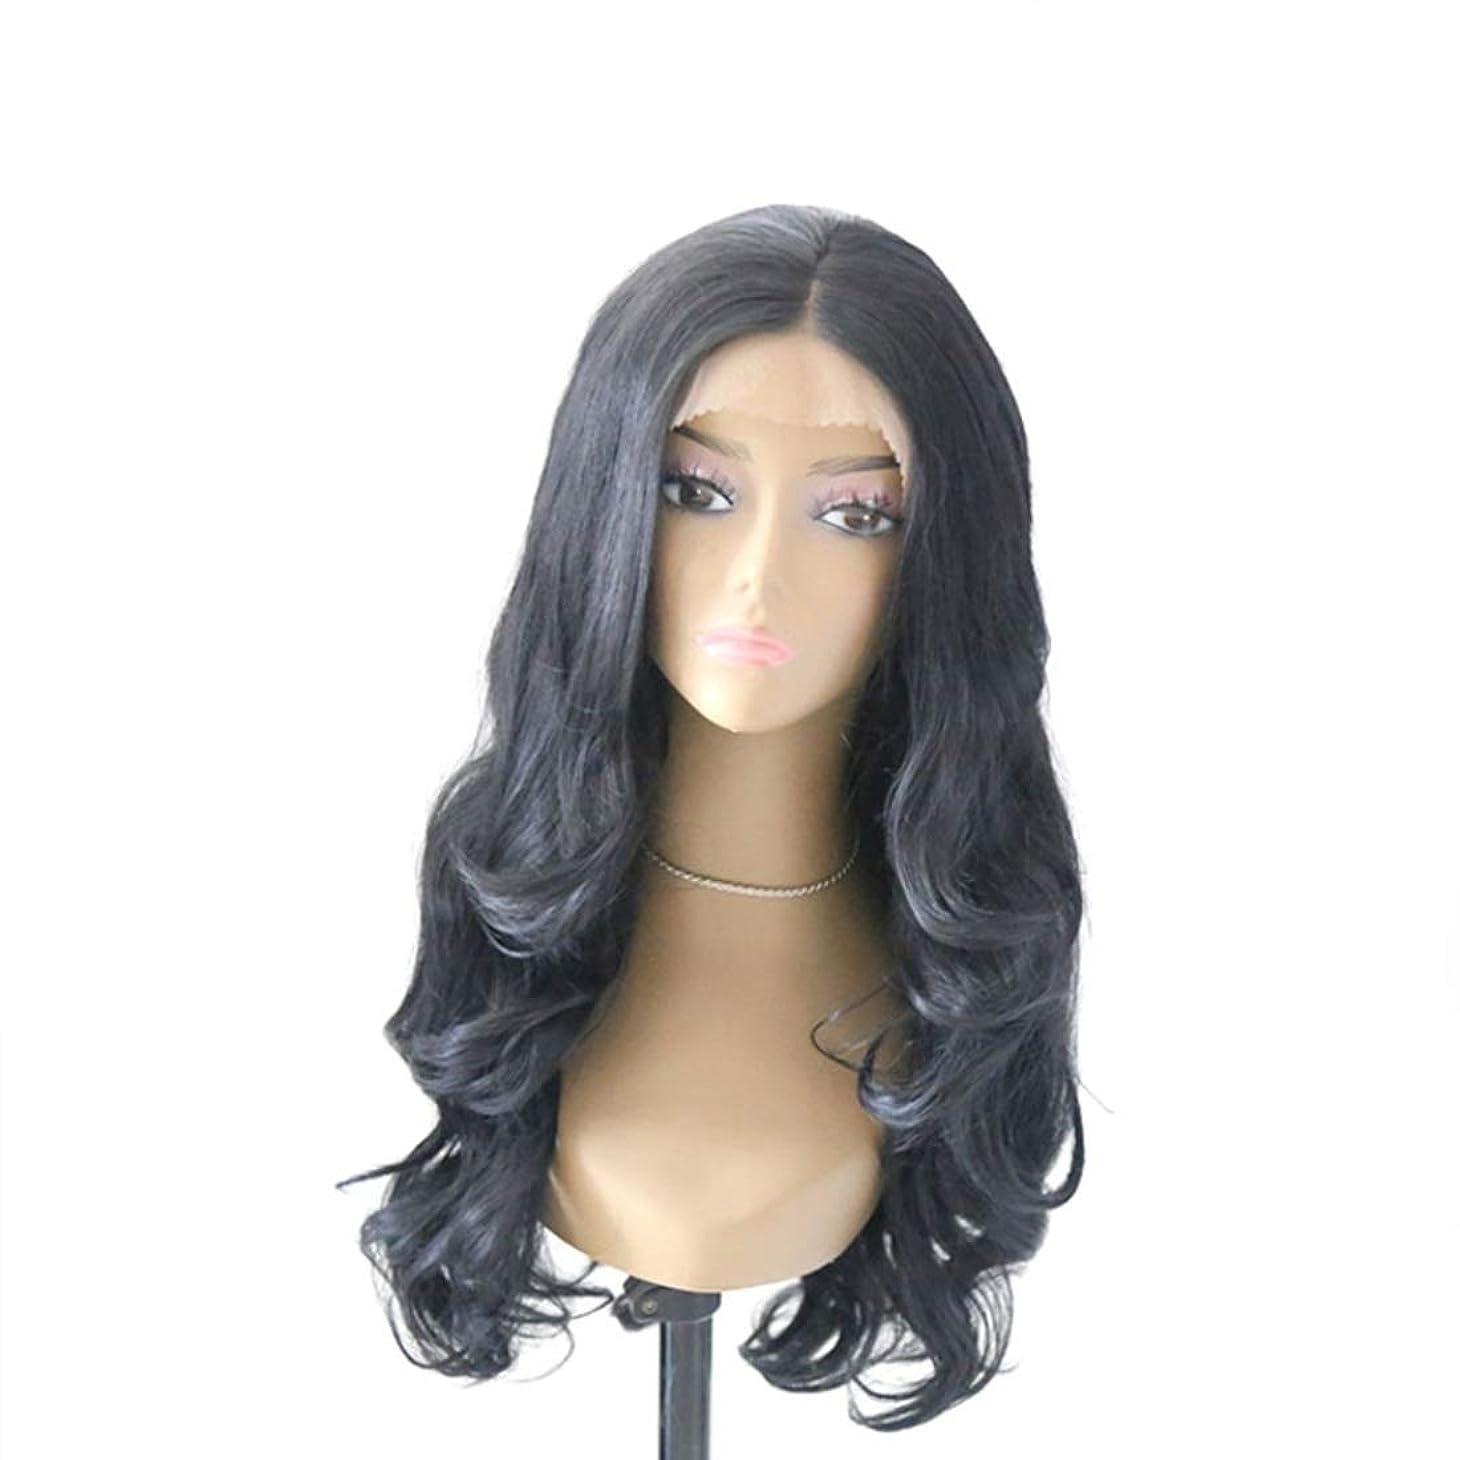 サーキットに行く科学者であることSummerys 黒かつら女性のための大きな波状の巻き毛のフロントレース化学繊維かつら